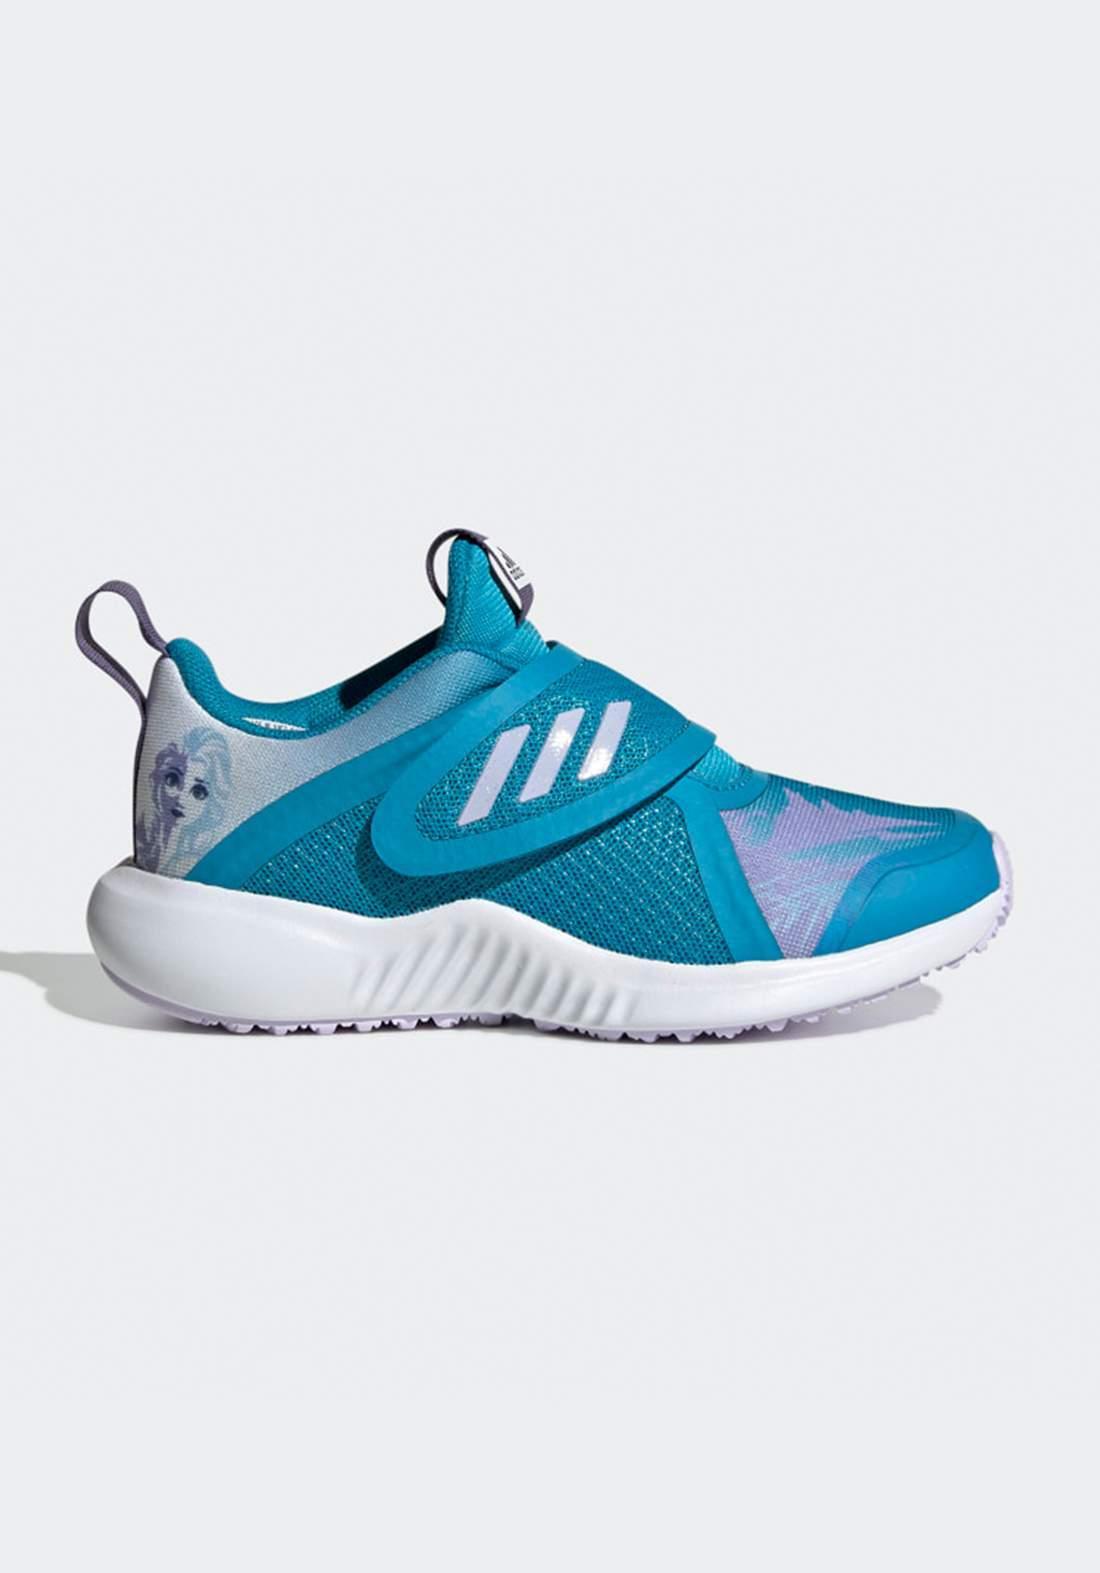 حذاء رياضي بناتي ازرق اللون من أديداس